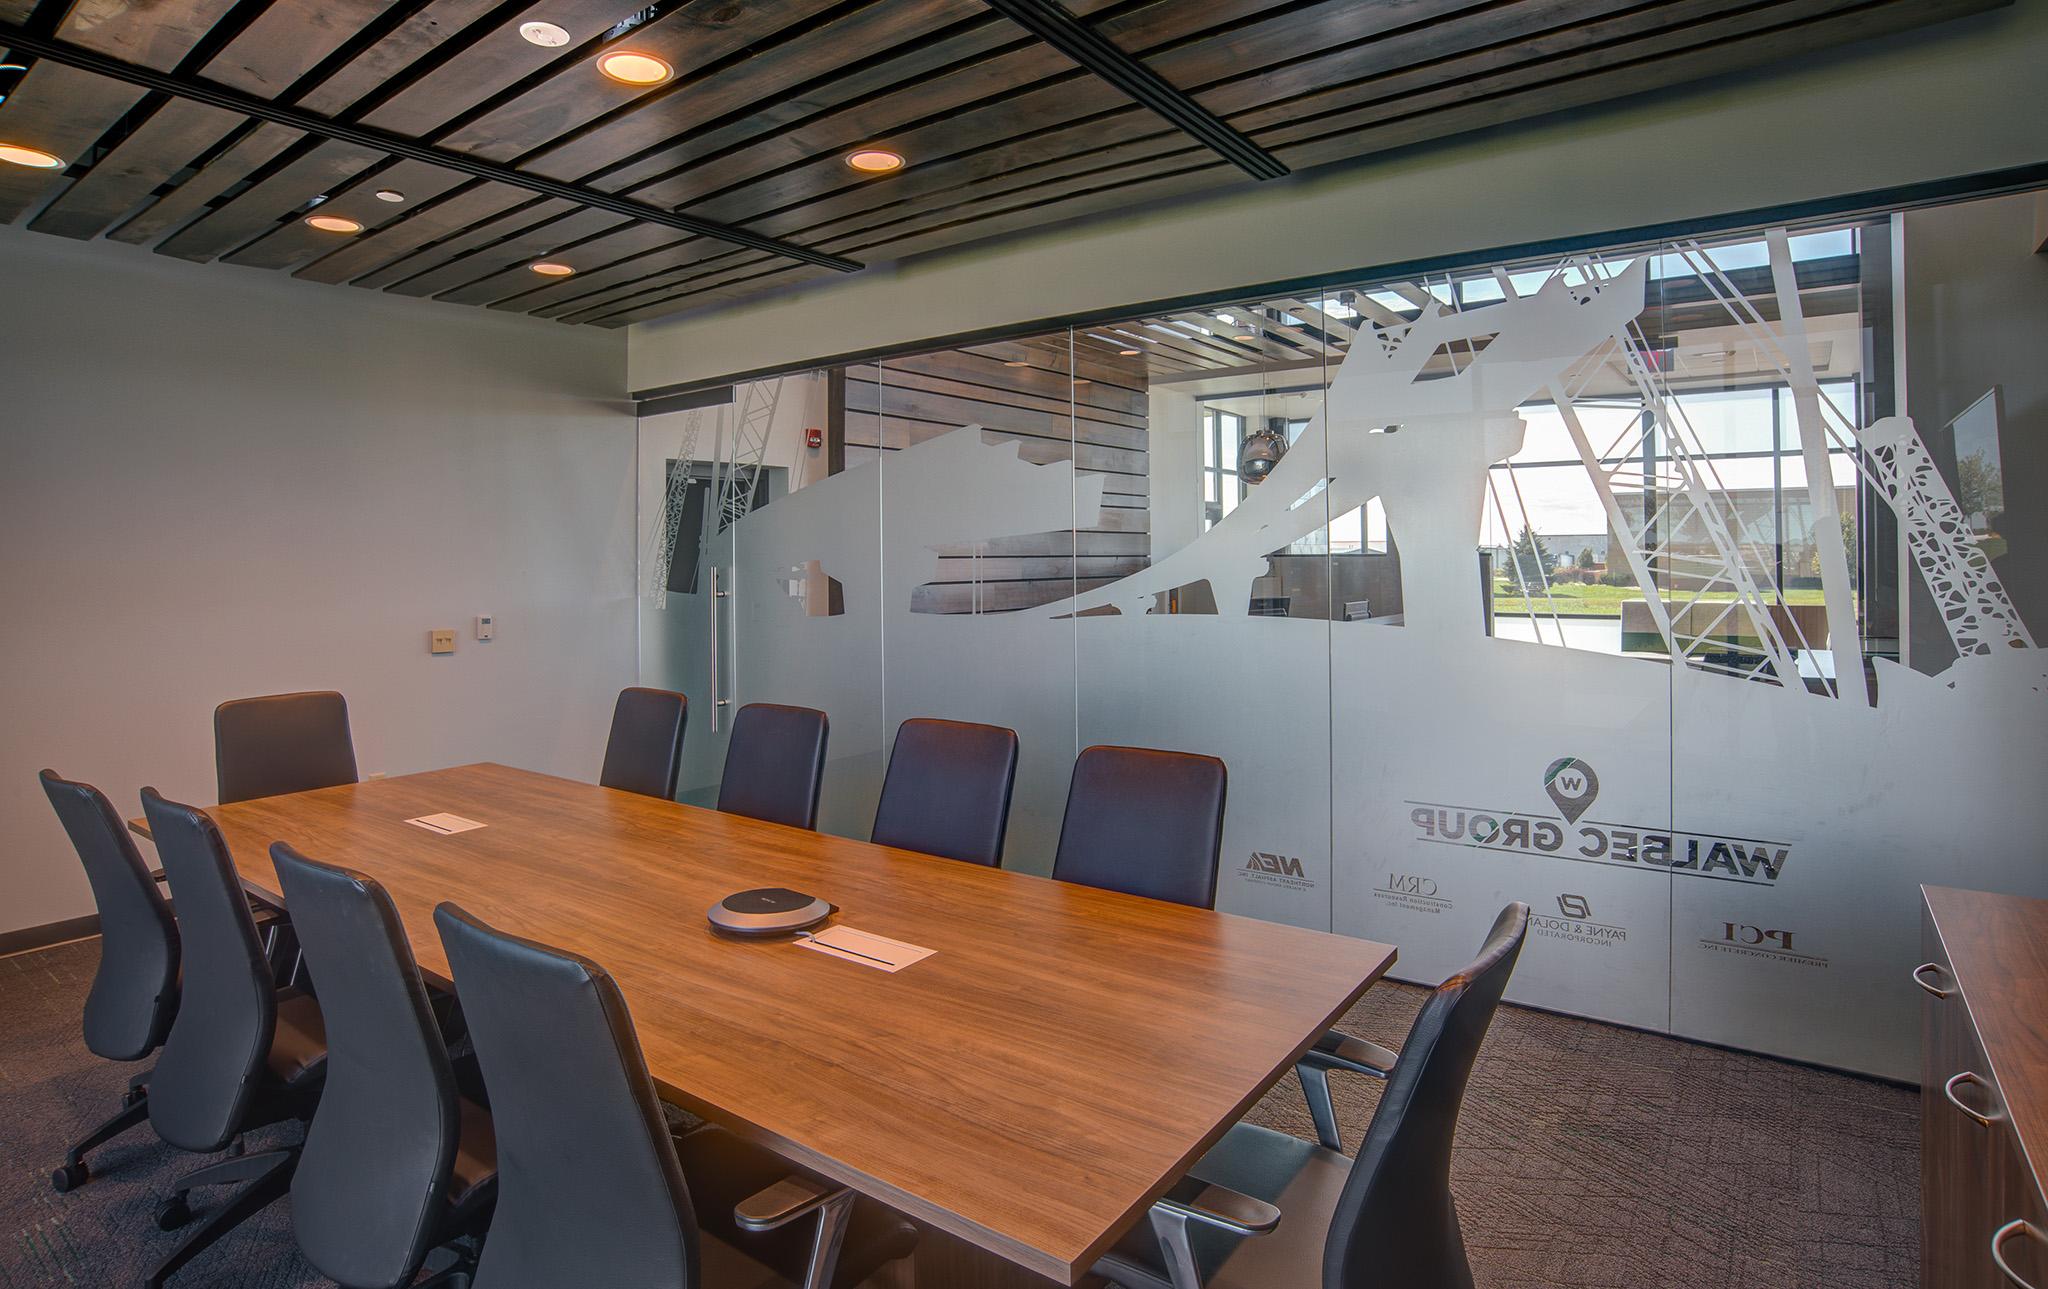 3_Payne & Dolan Office Renovation